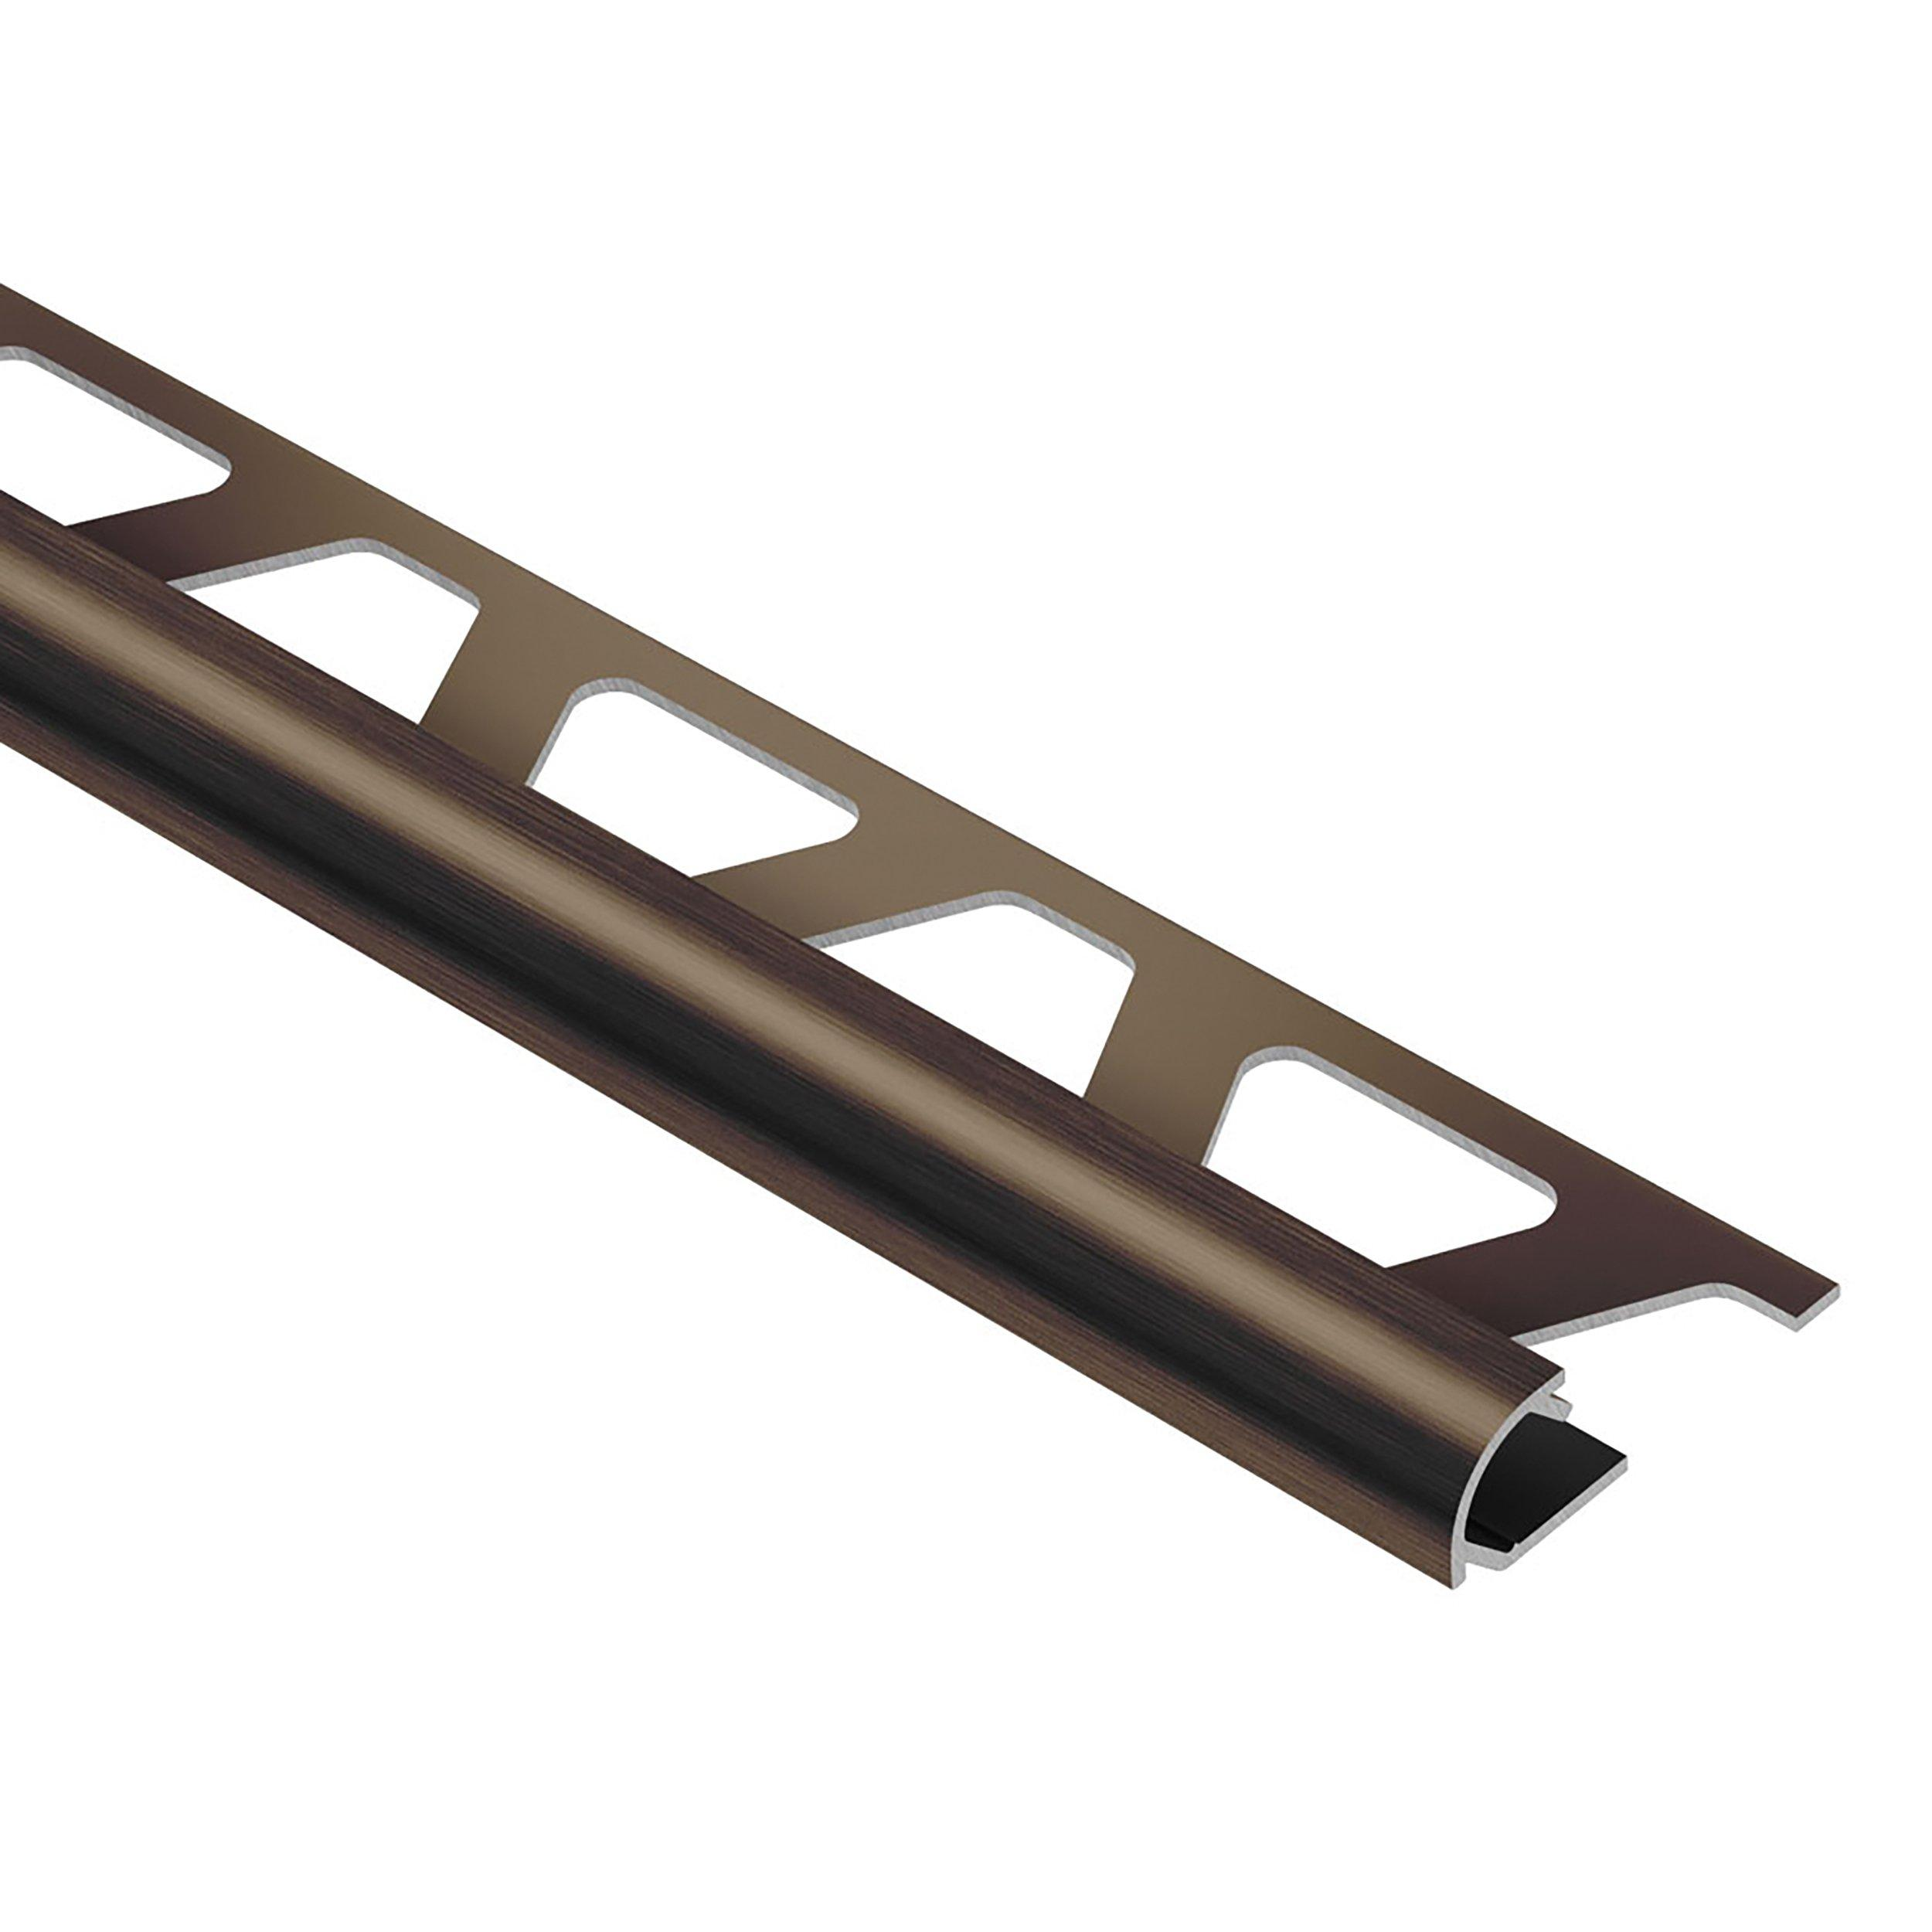 schluter rondec bullnose edge trim 1 2in in brushed antique bronze anodized aluminum